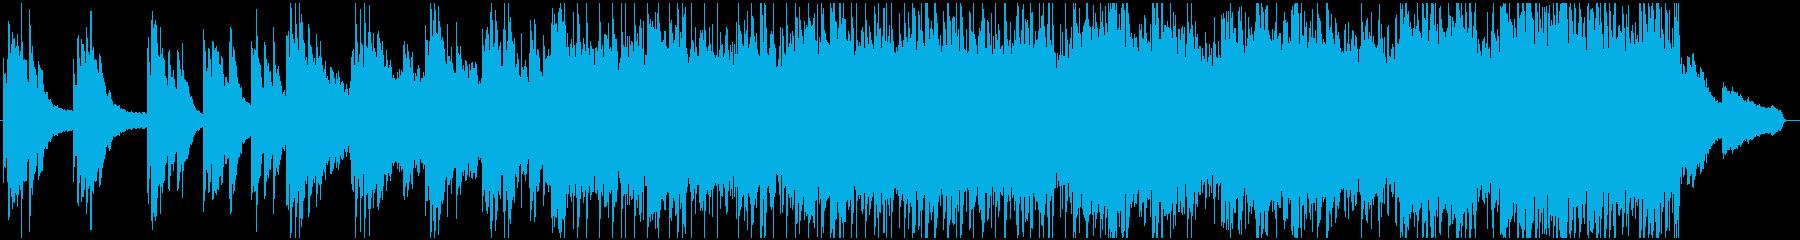 現代的 交響曲 コーポレート アク...の再生済みの波形